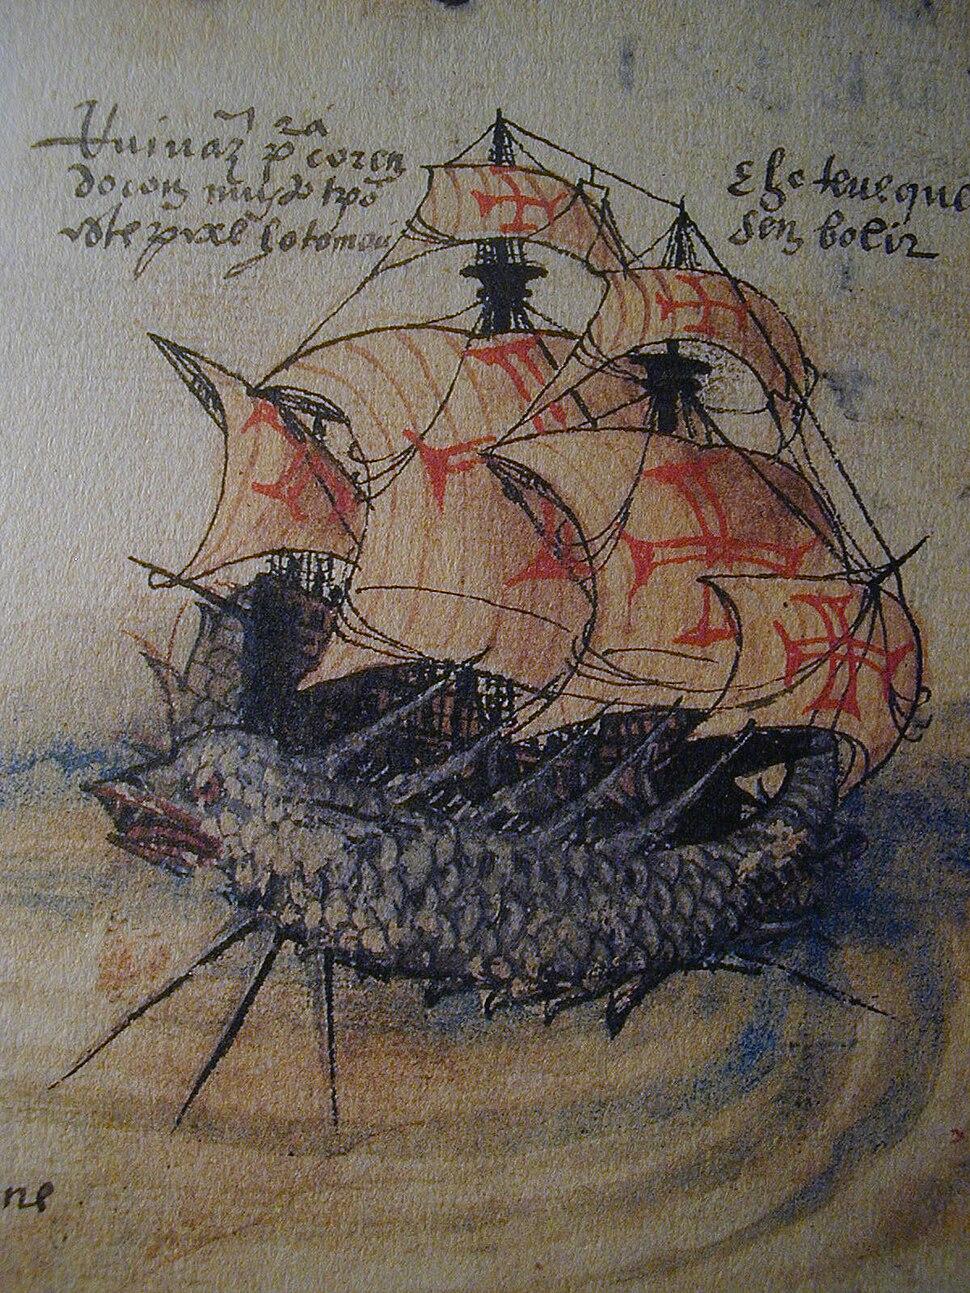 Nau de Rui Vaz Pereira levantada por um monstro marino, armada de 1520. Livro de Lisuarte de Abreu